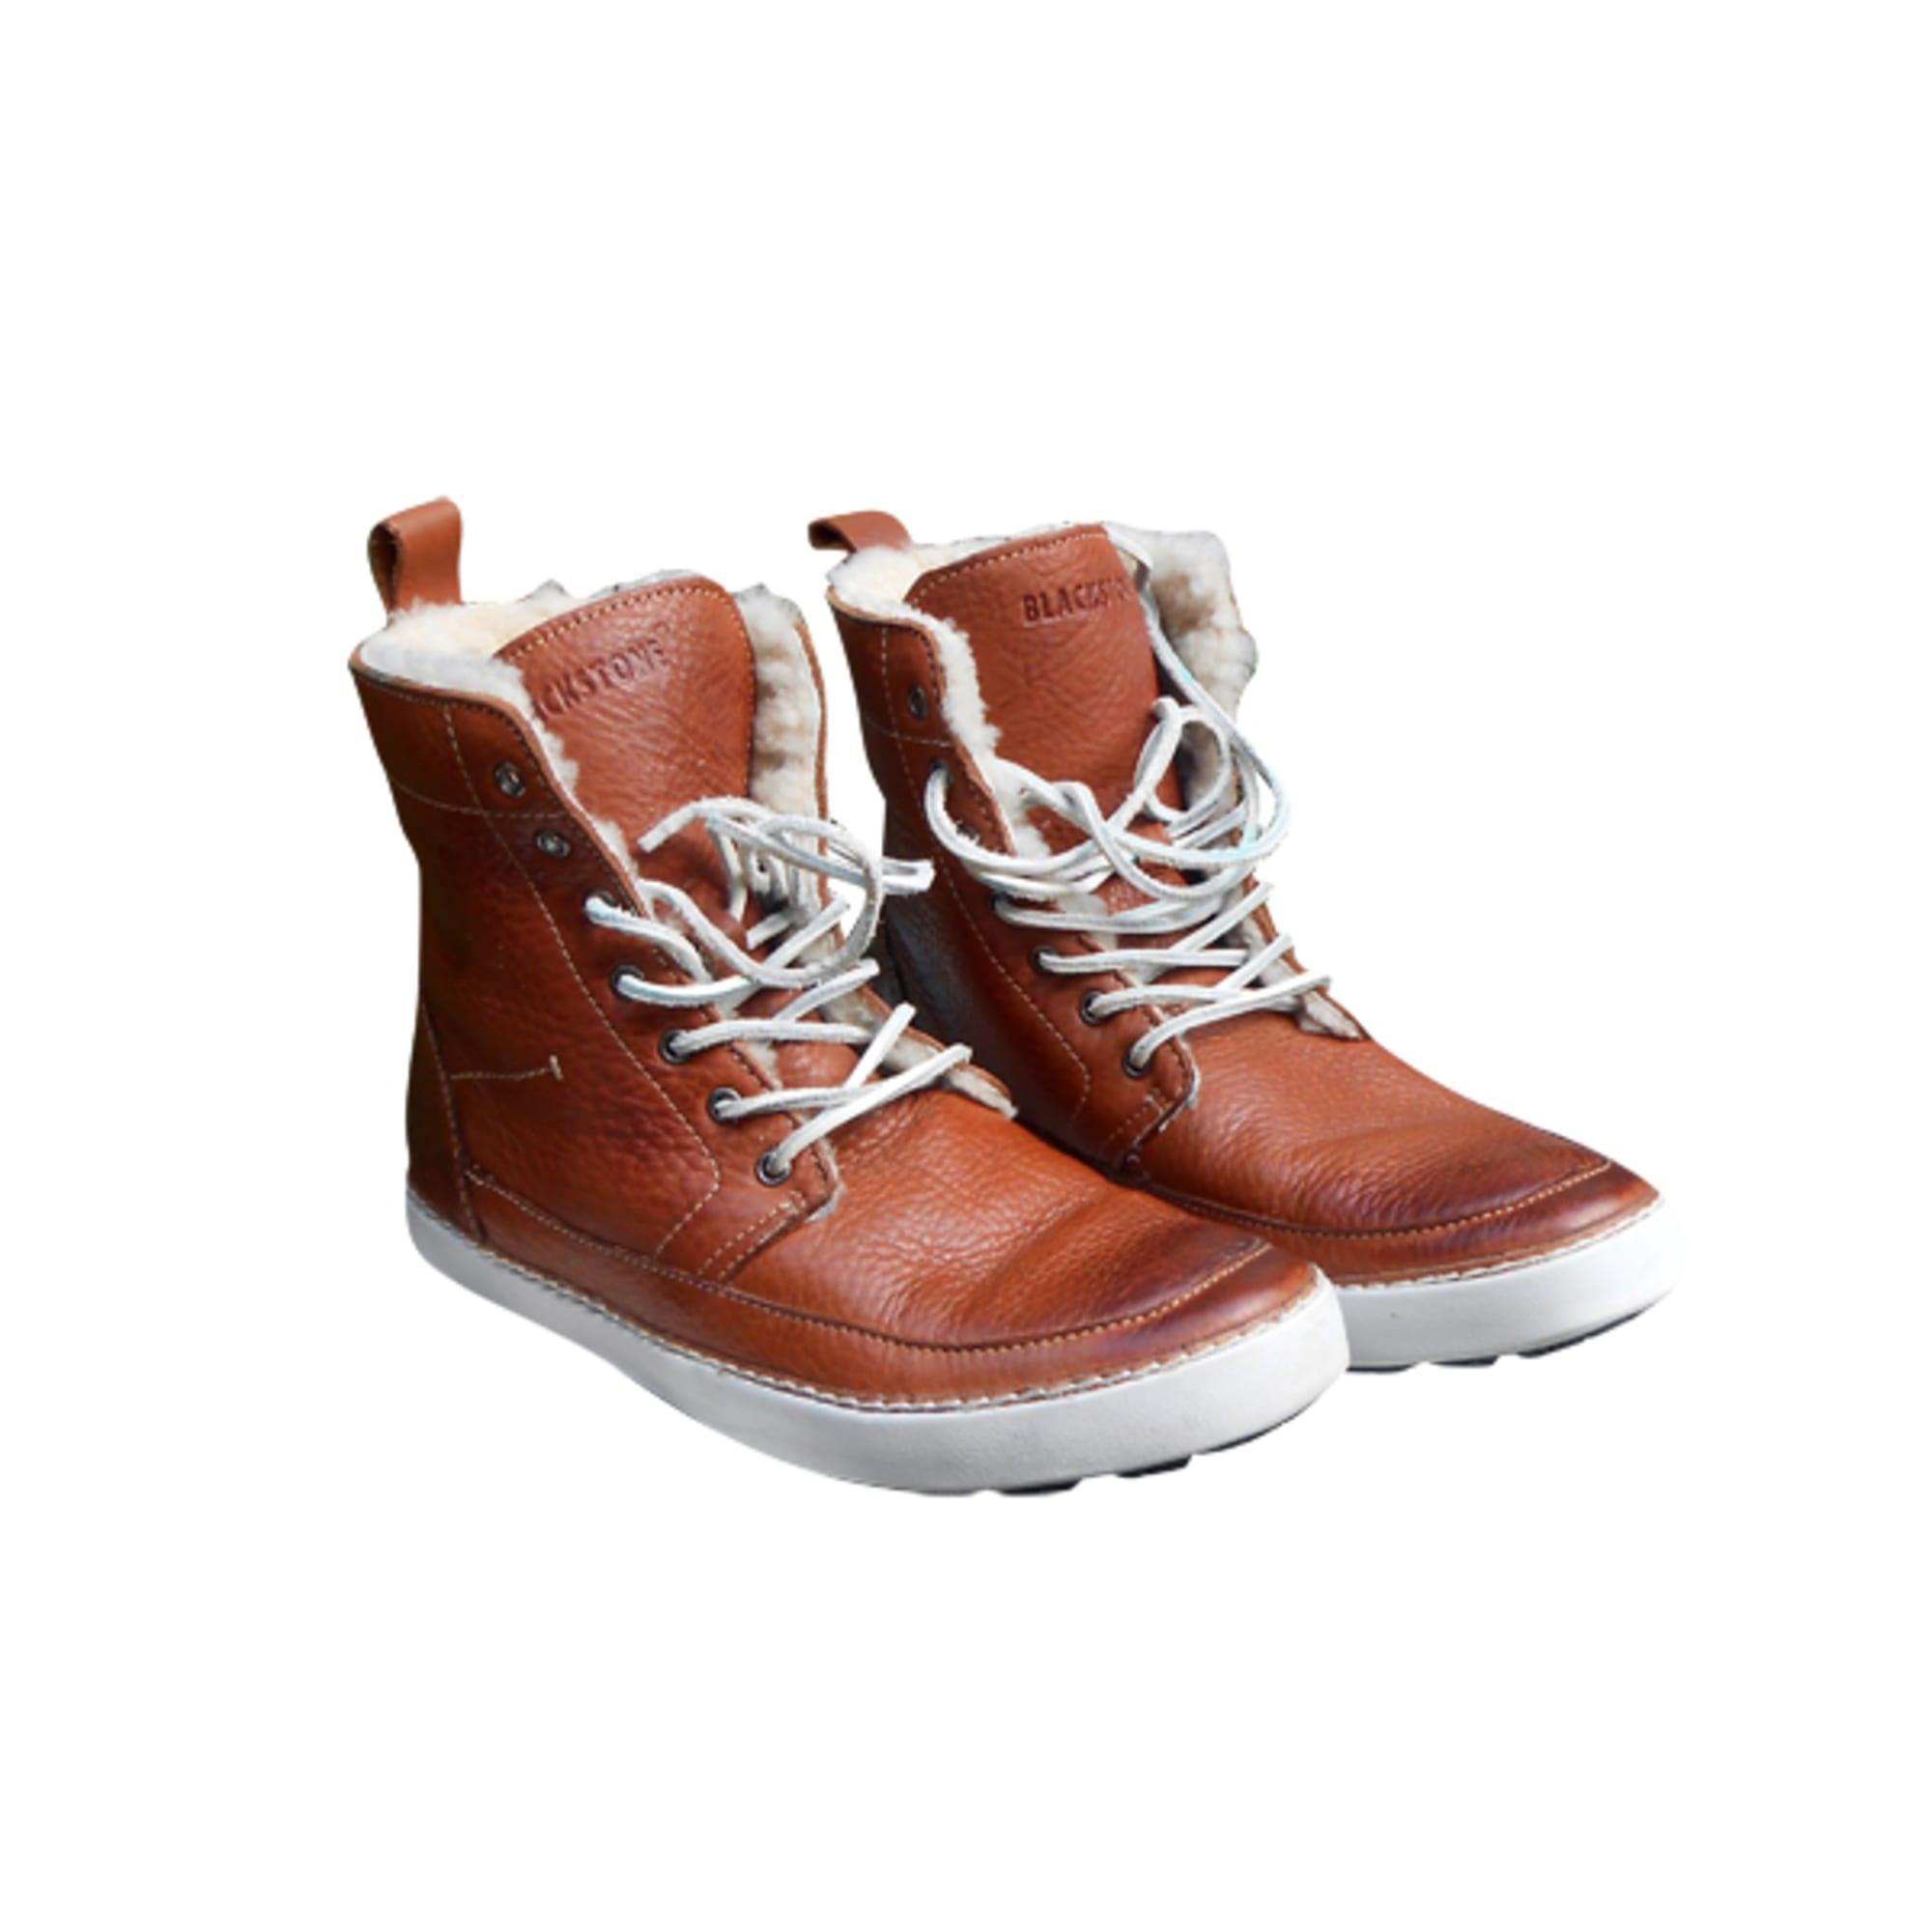 4e2d339b1d Chaussures à lacets BLACKSTONE 42 marron vendu par Mathieu ...